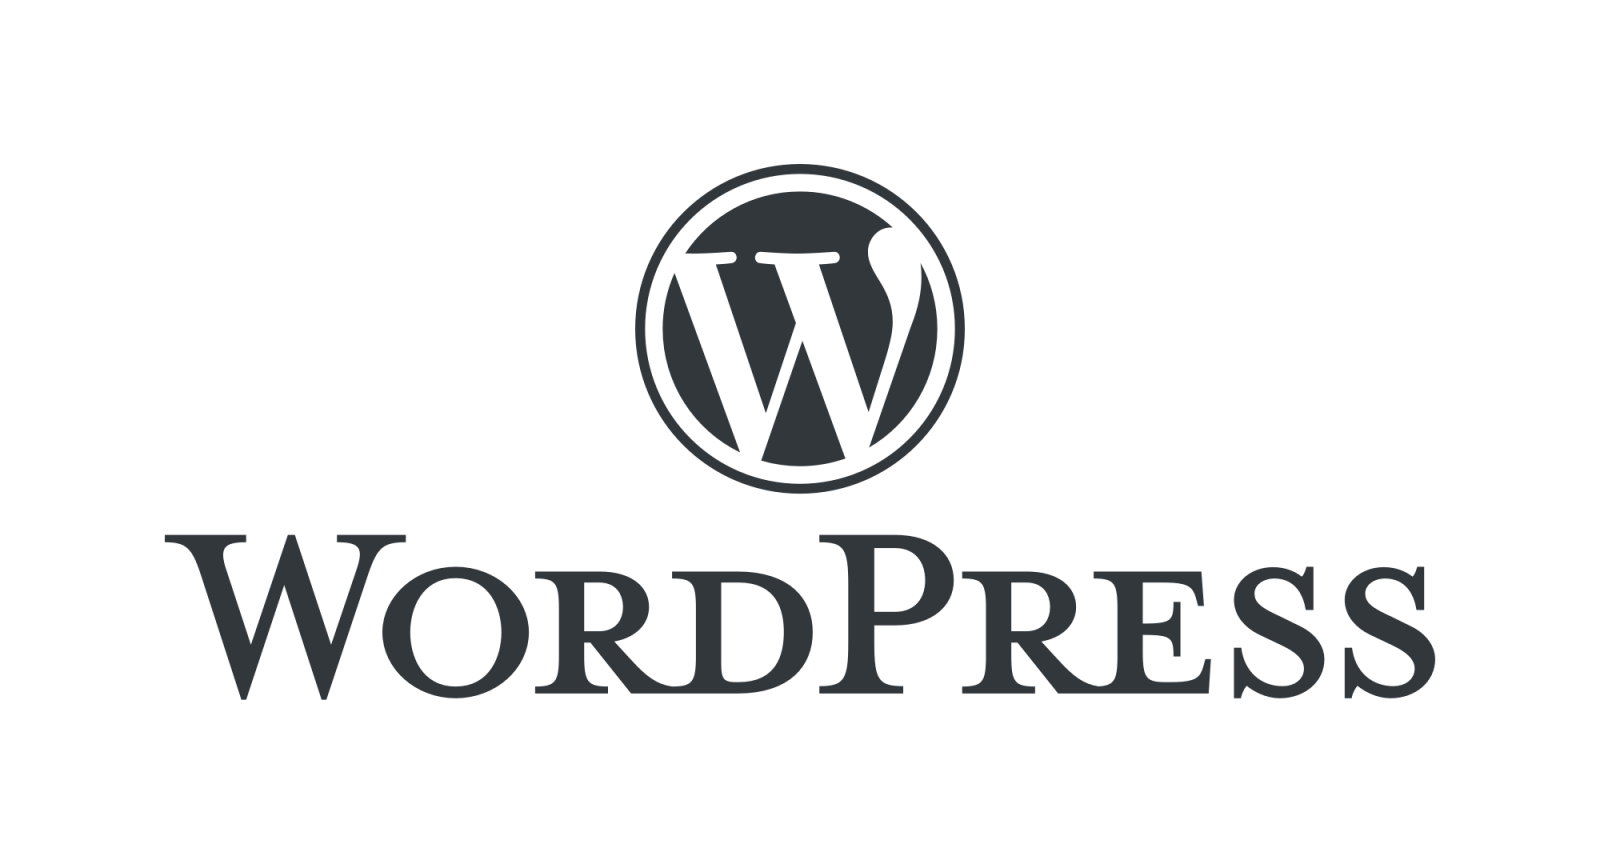 Tvorba web stránok, tvorba eshopu, SEO optimalizácia, Wordpress platforma